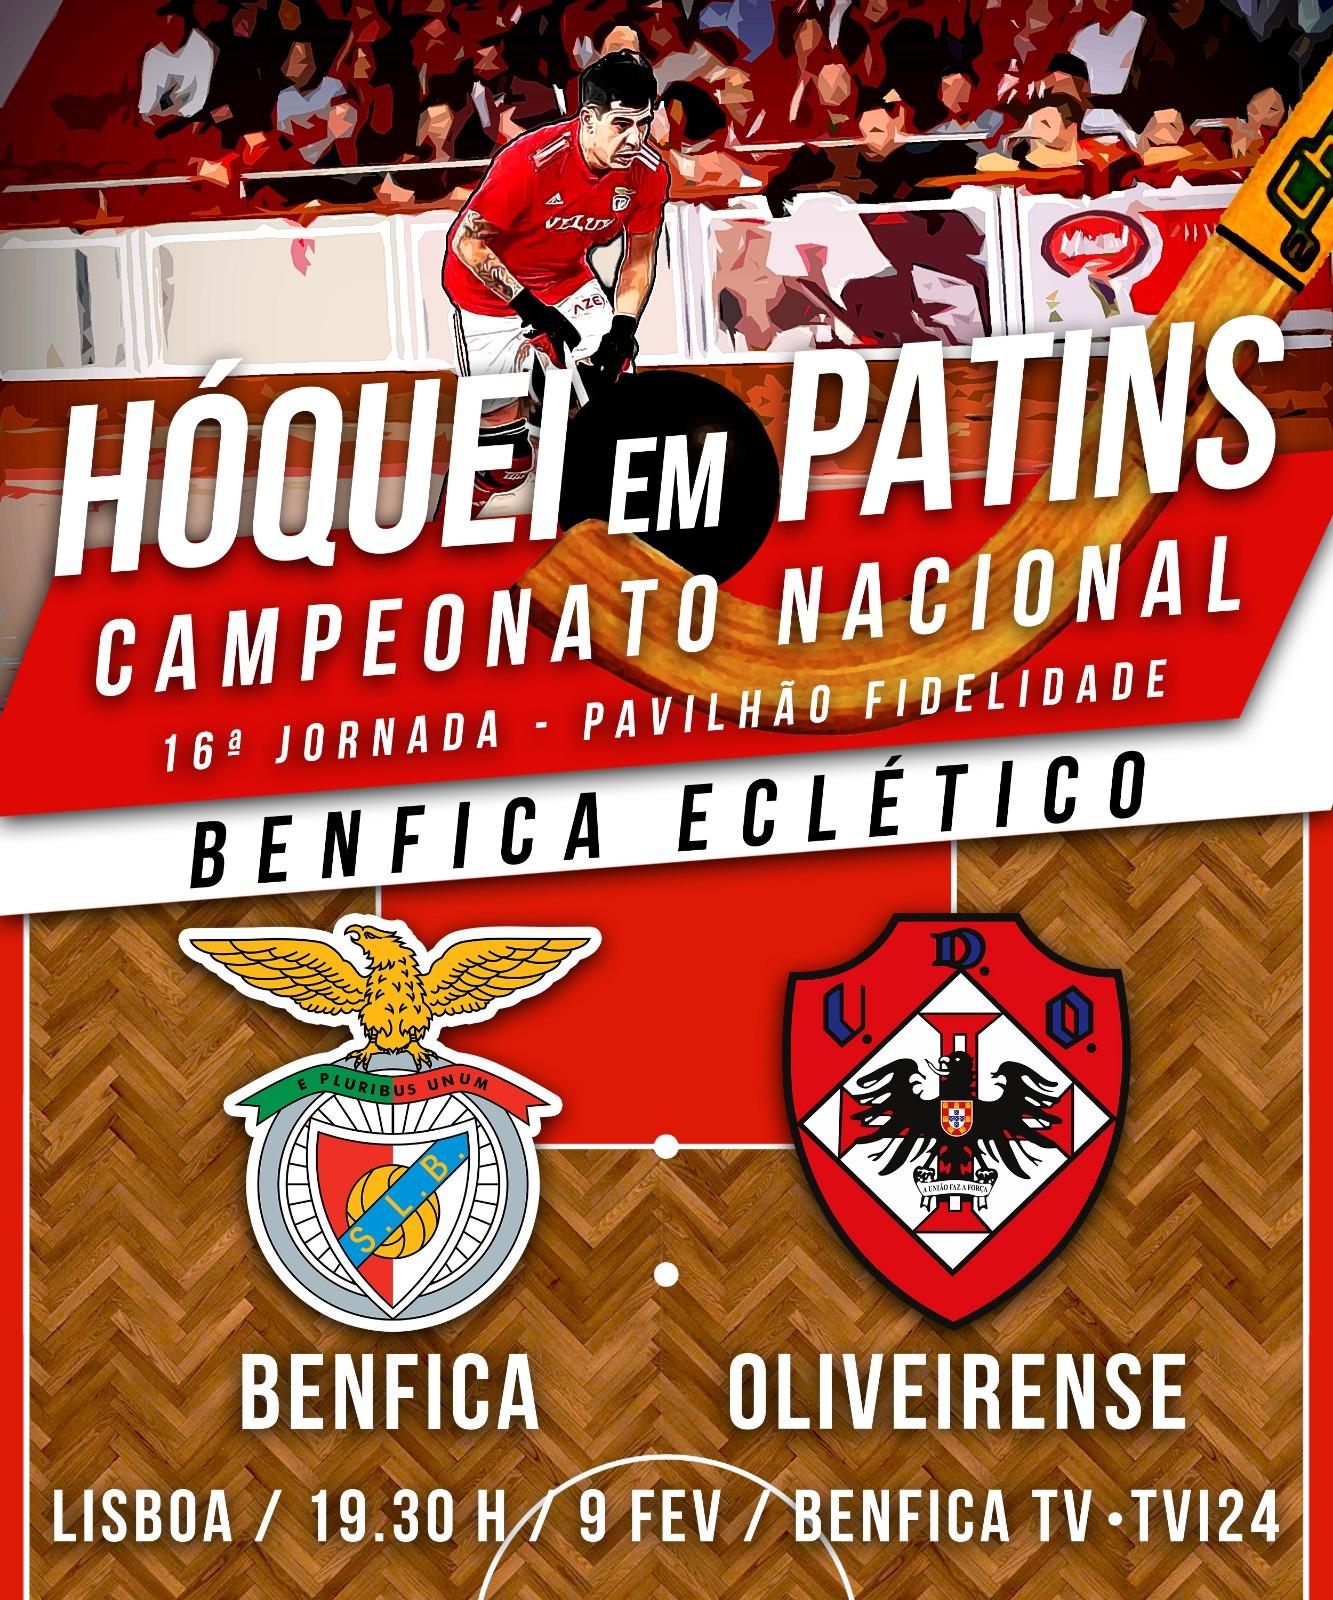 55003f79d9 Benfica Eclético  Porque o SL Benfica não é só Futebol...